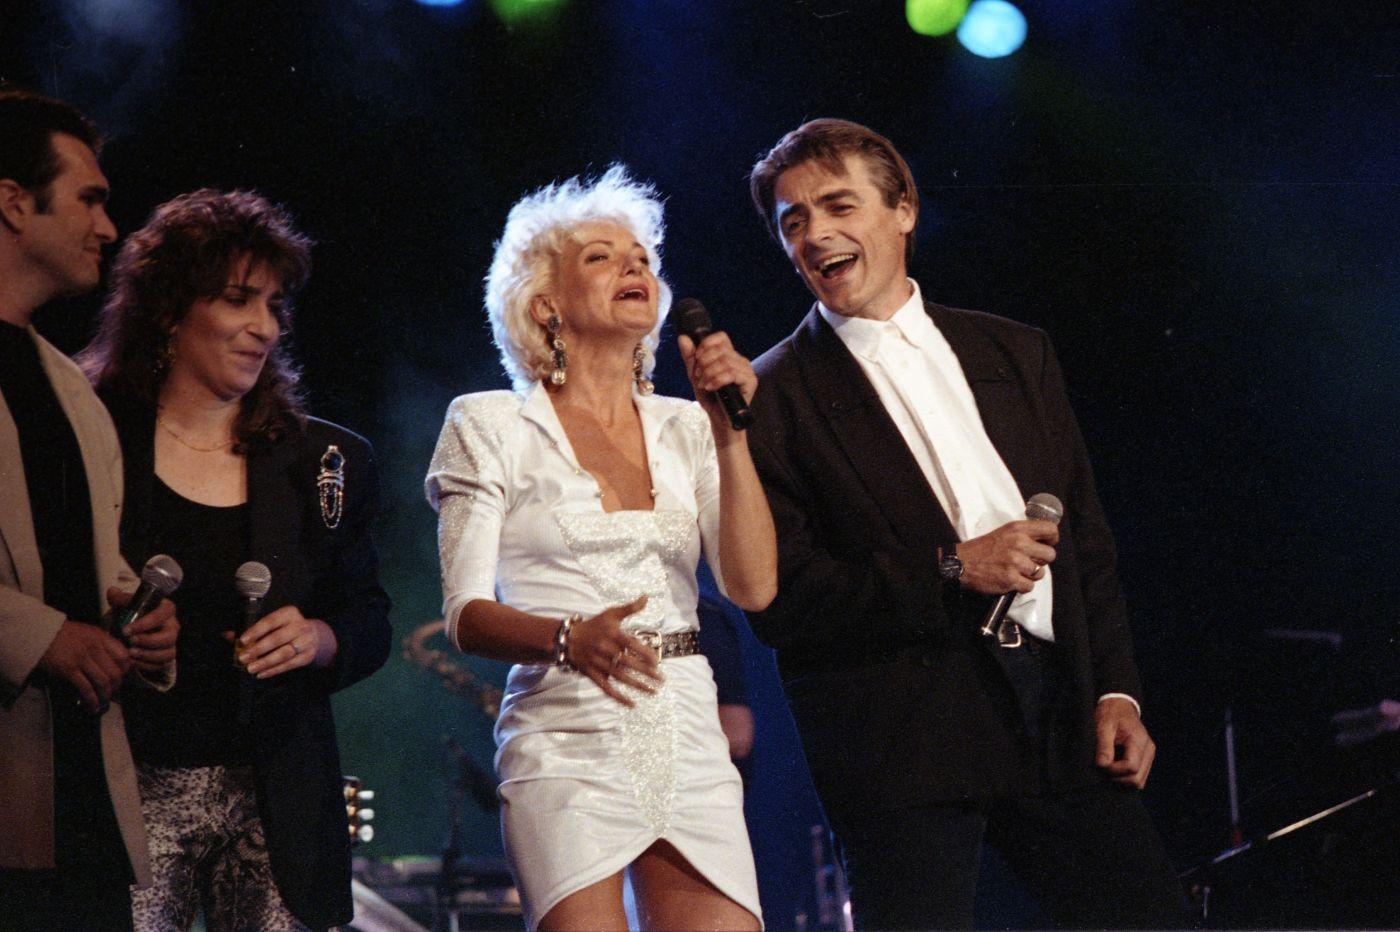 Photographie en couleur d'un groupe de quatre chanteurs, sur scène. Une femme d'âge mûr, en robe blanche courte et portant des bijoux, chante avec un microphone à la main, accompagné d'un homme d'âge moyen en complet noir et chemise blanche. À leur droite, un homme et une femme d'âge moyen tiennent des microphones.